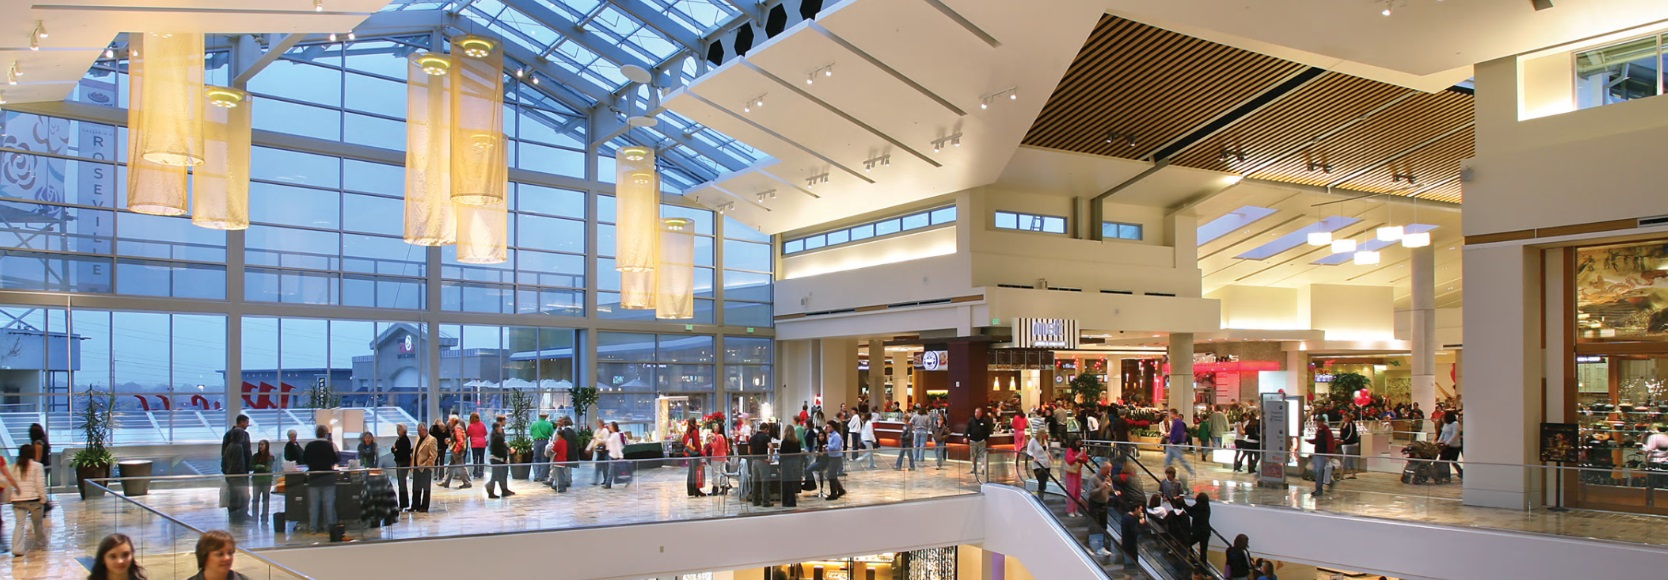 Sears - Westfield Mall